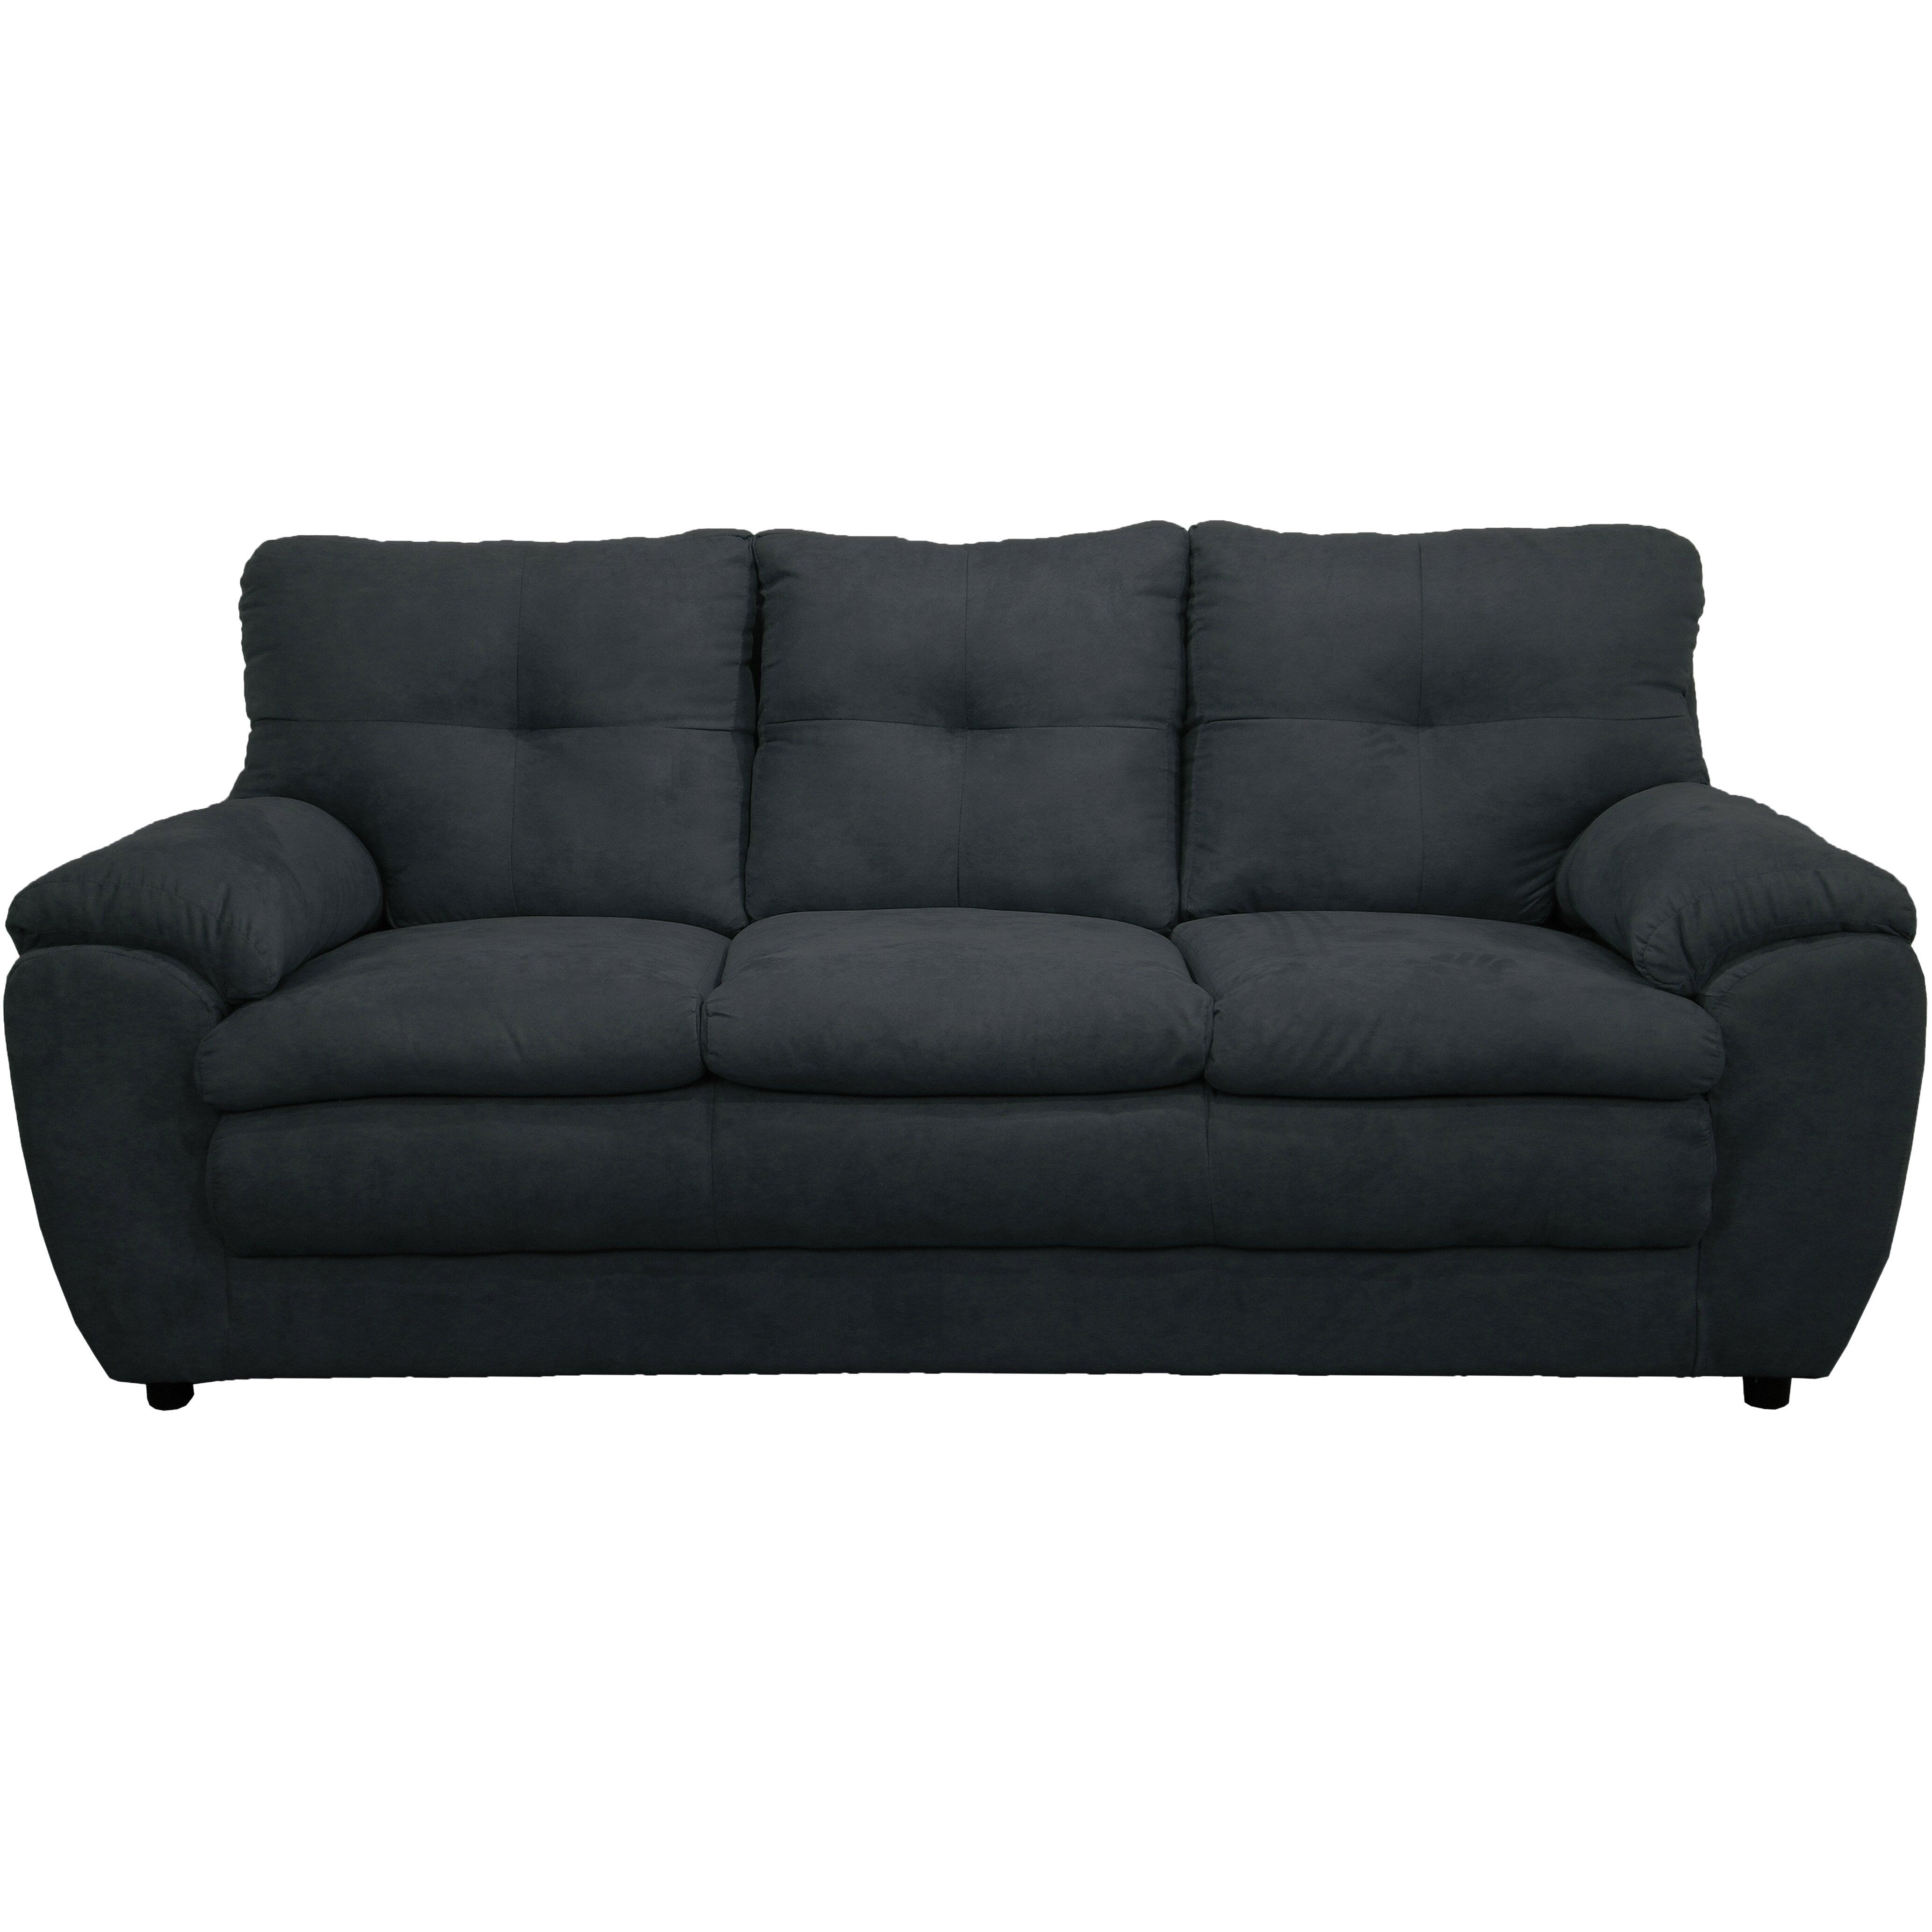 Piedmont Furniture Emily Sofa & Reviews